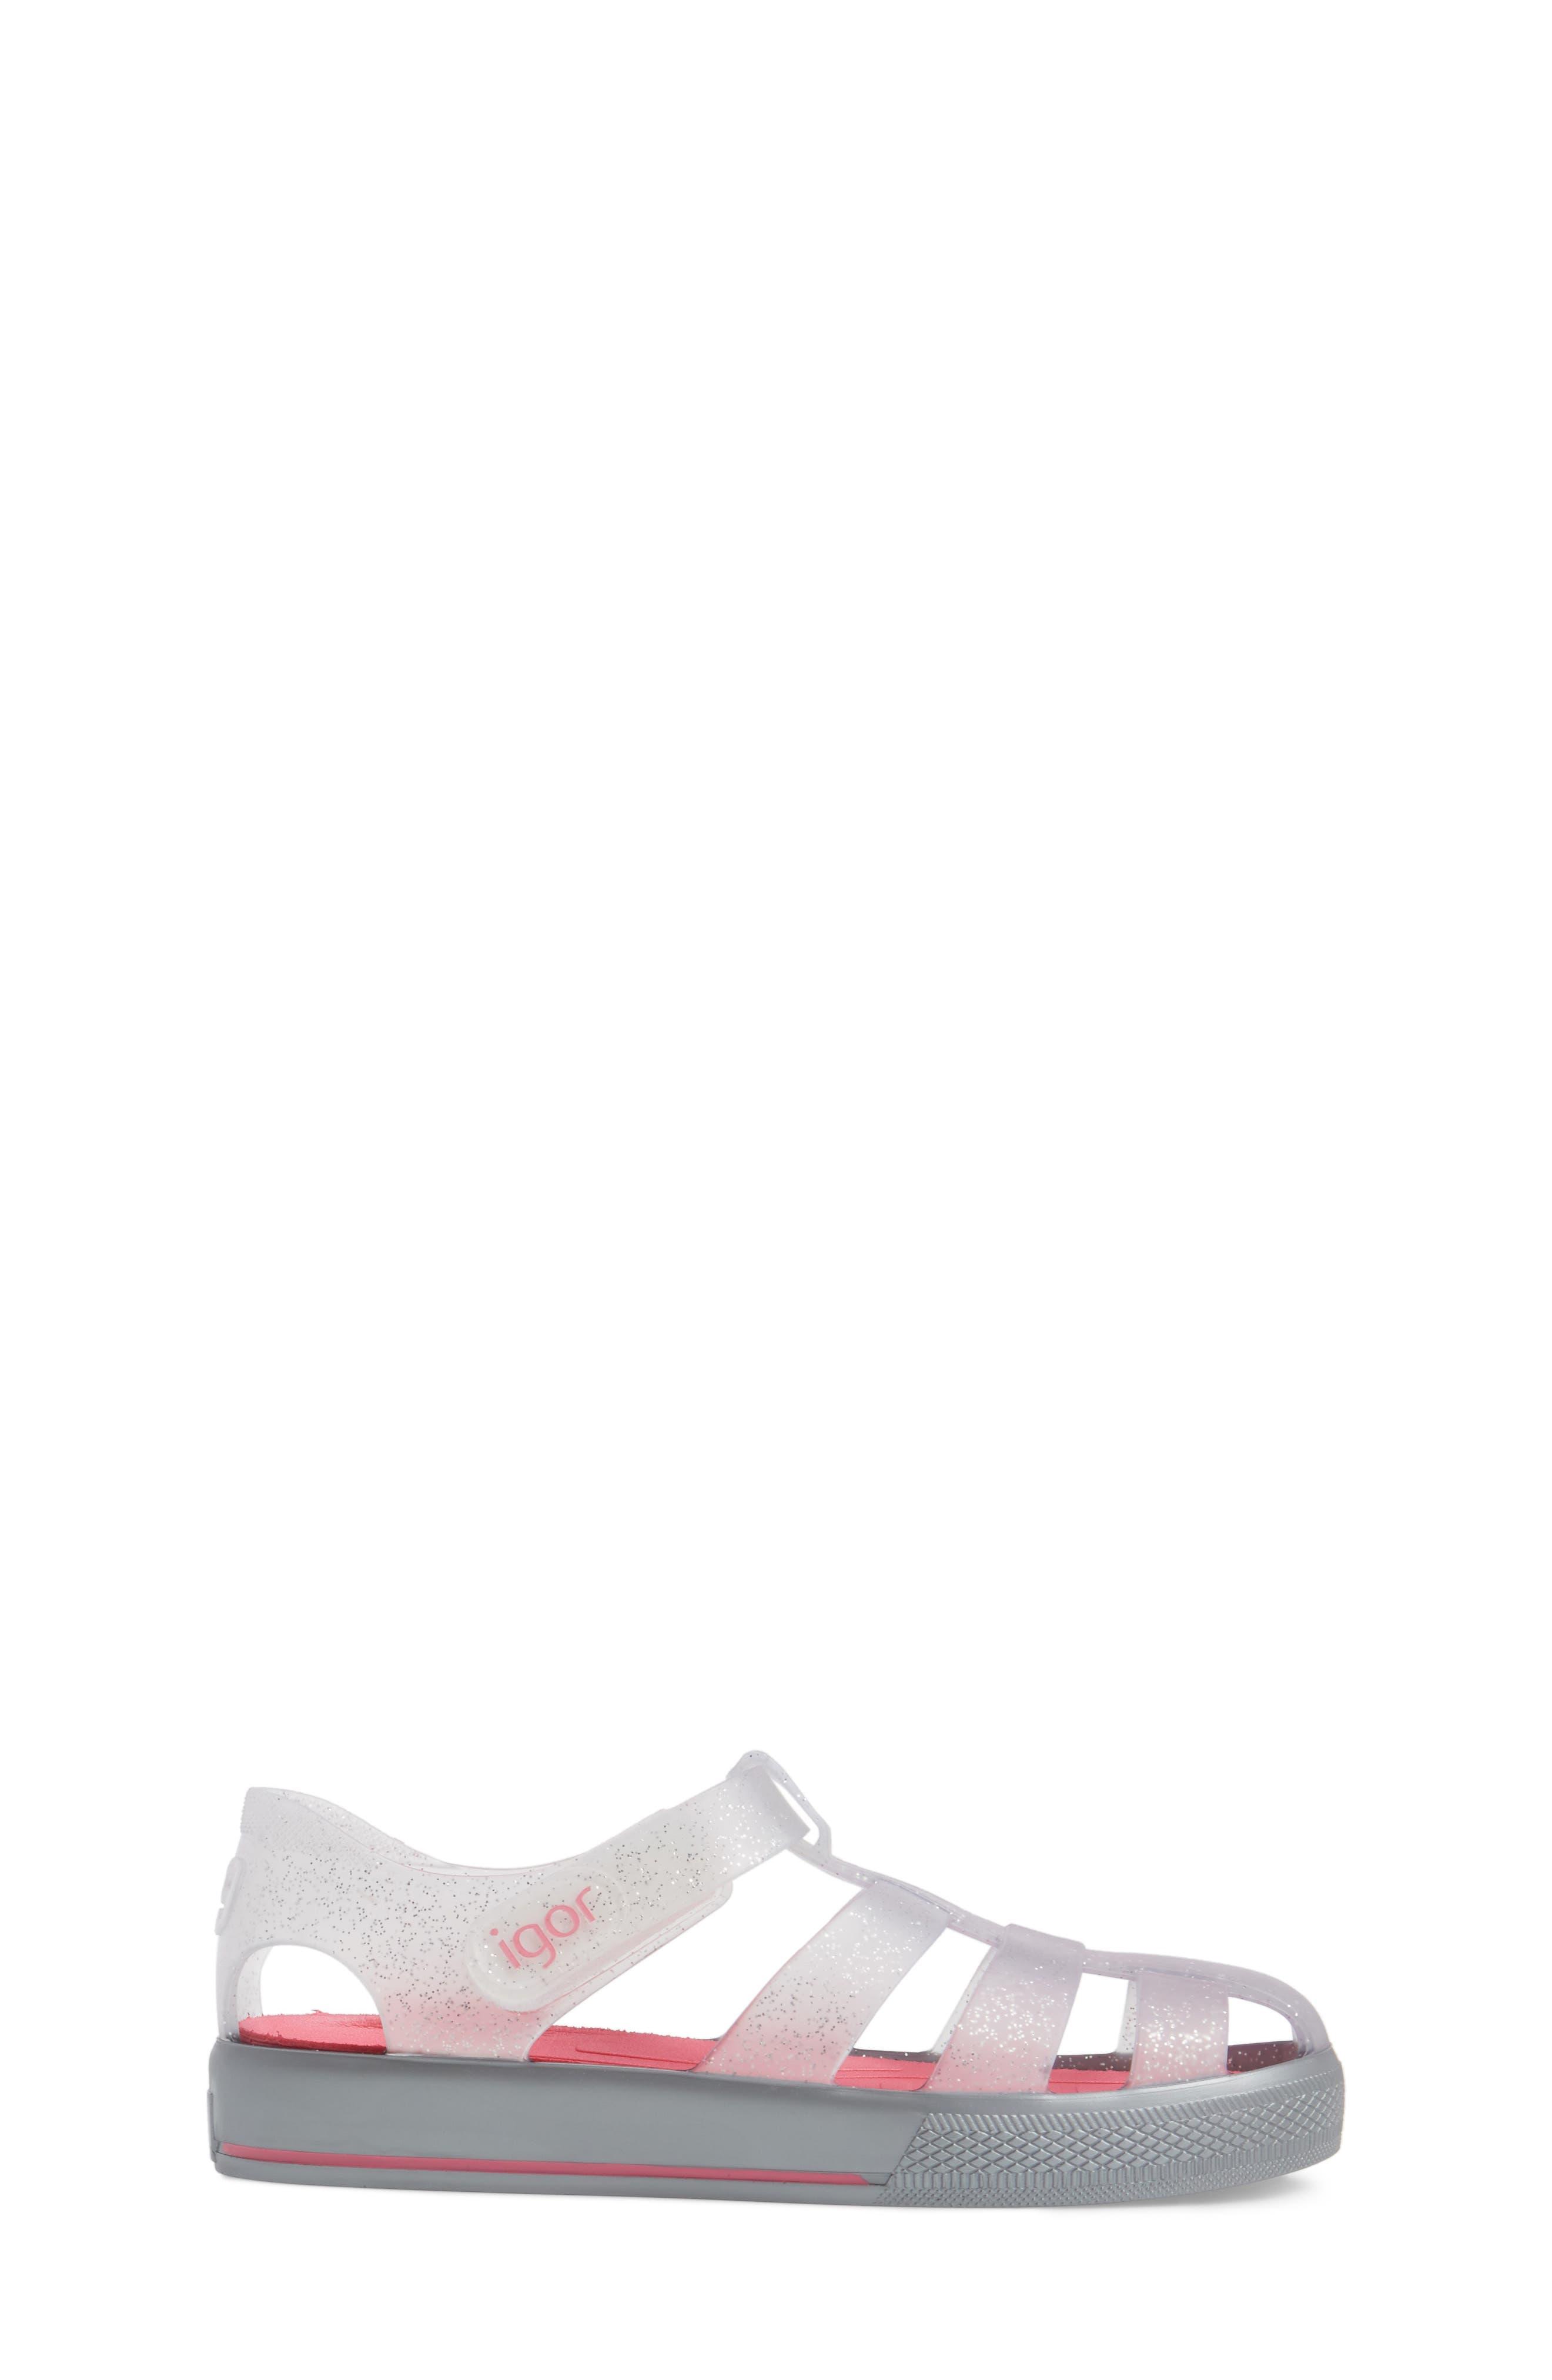 'Star' Glitter Jelly Fisherman Sandal,                             Alternate thumbnail 19, color,